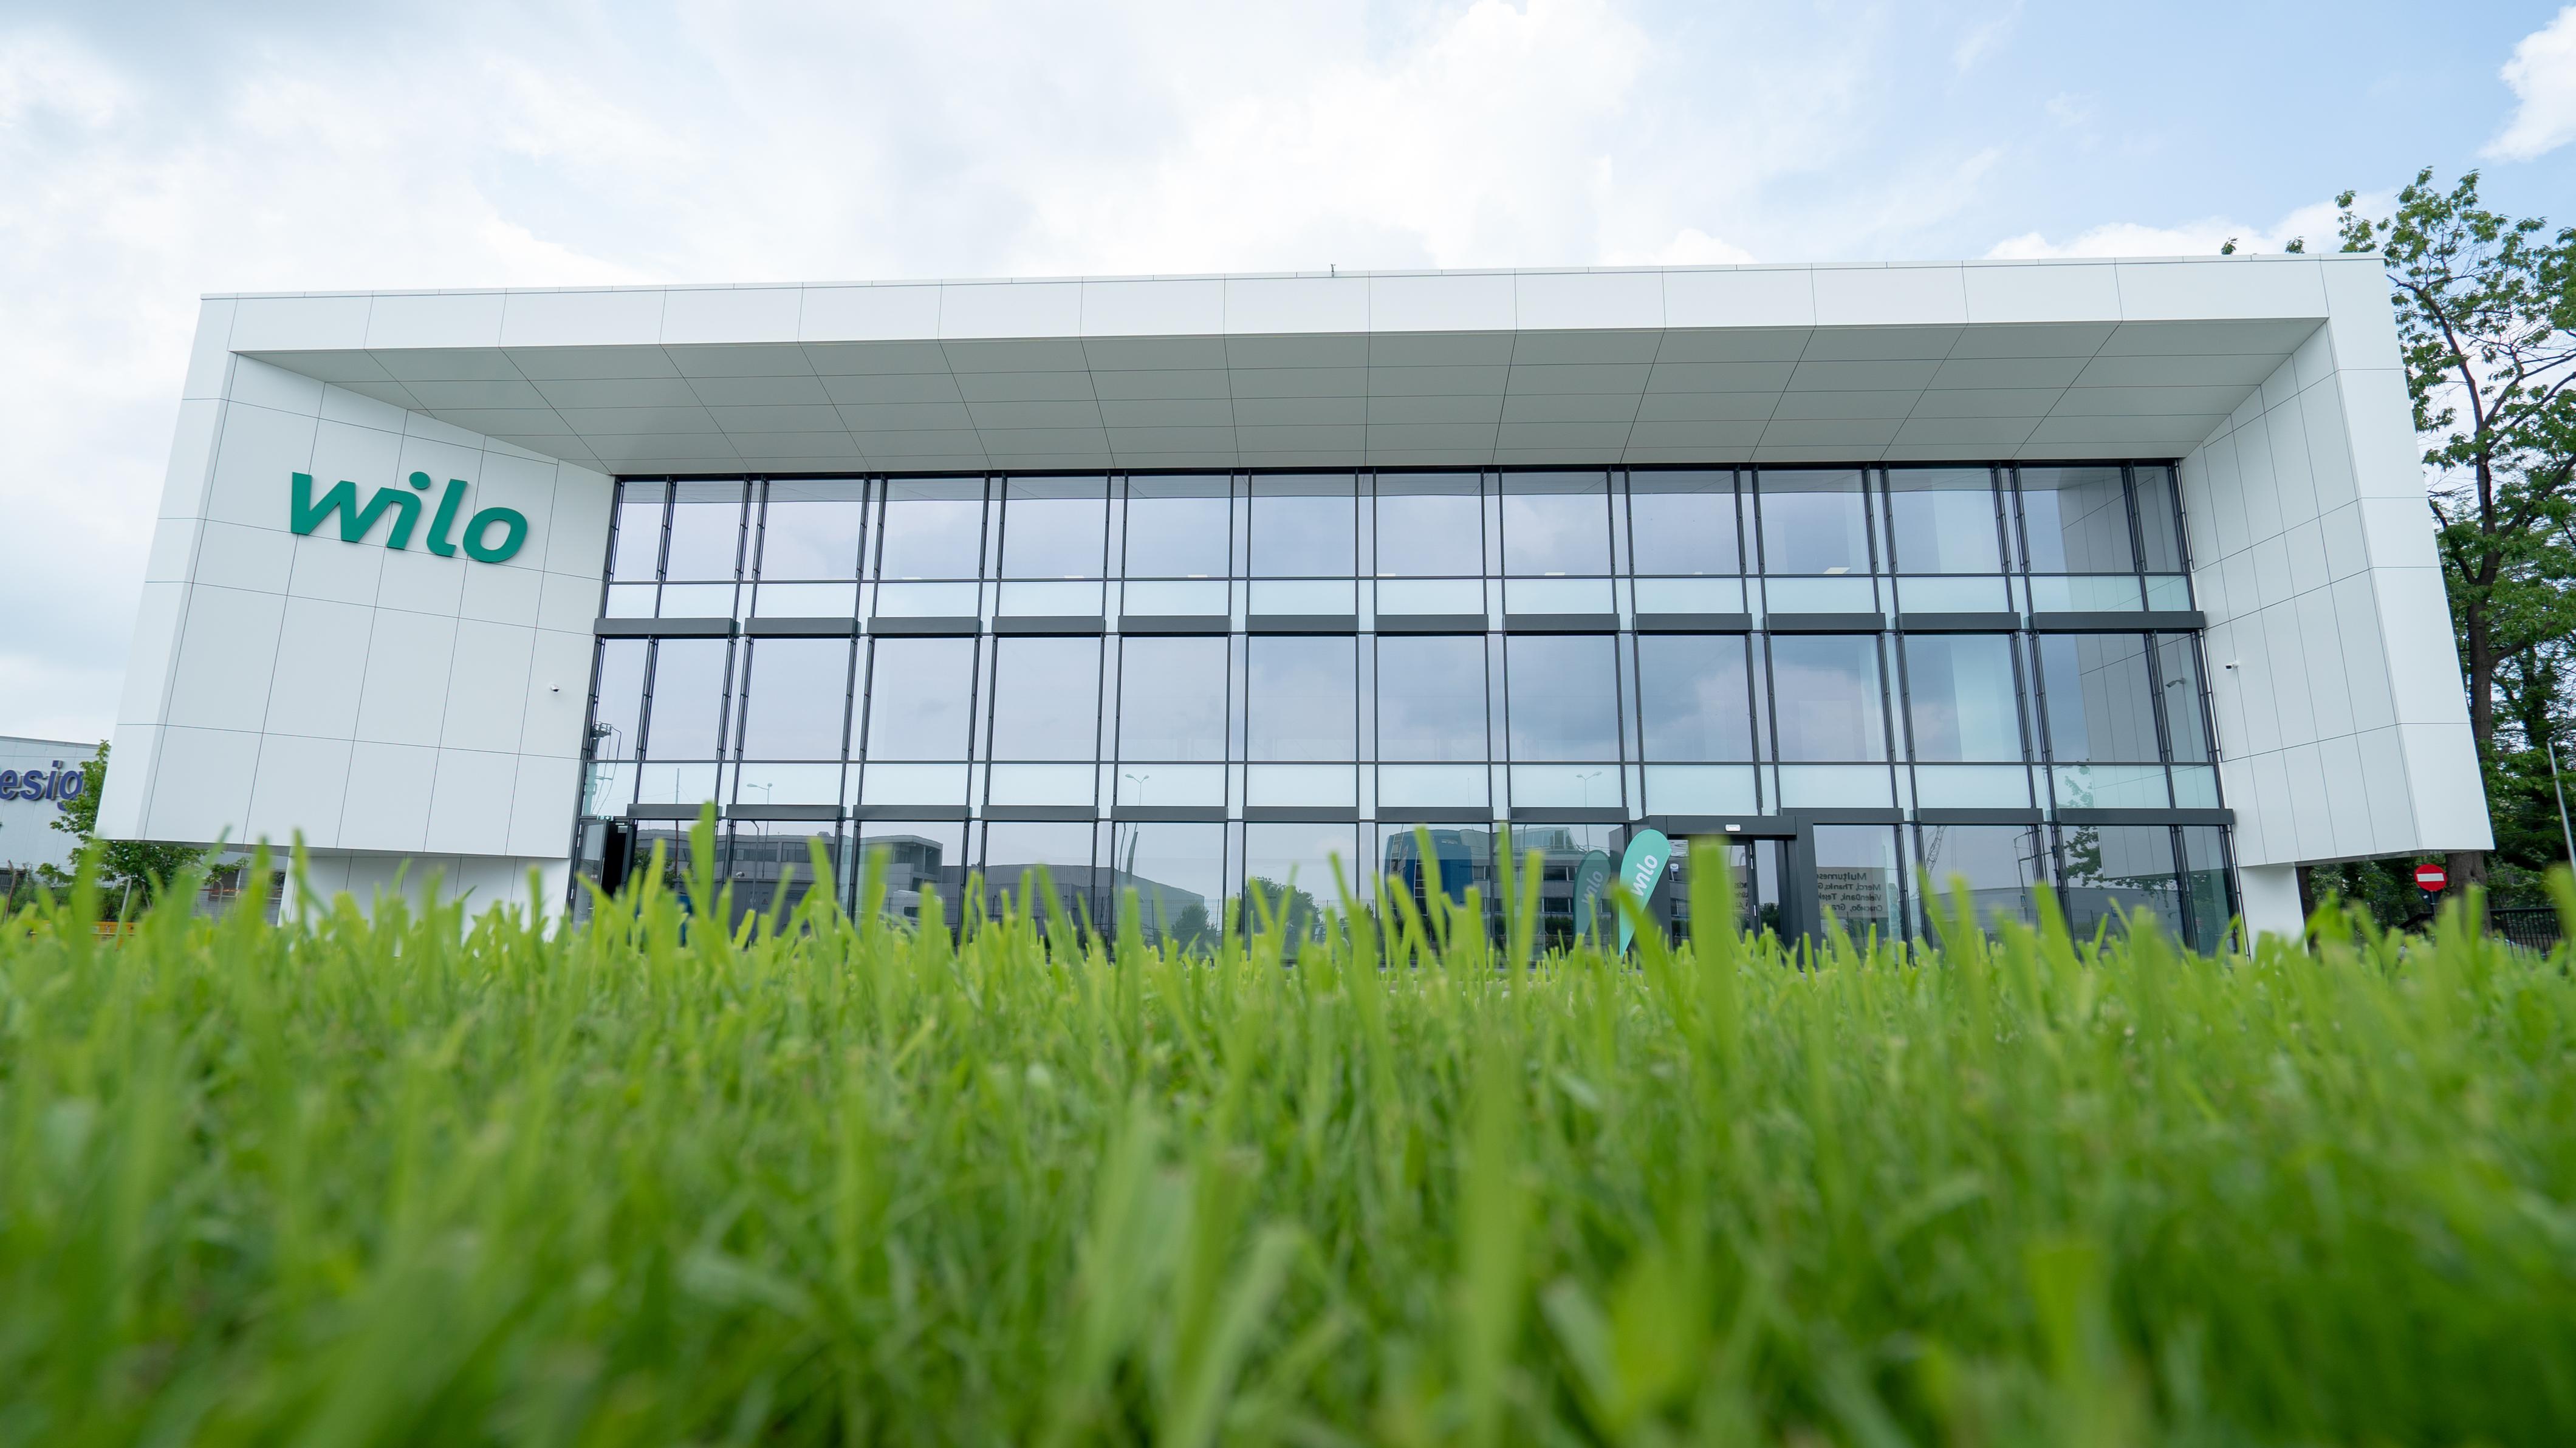 (P) Investiția de 6,9 milioane de euro a Wilo Group, inaugurată oficial printr-un eveniment hibrid